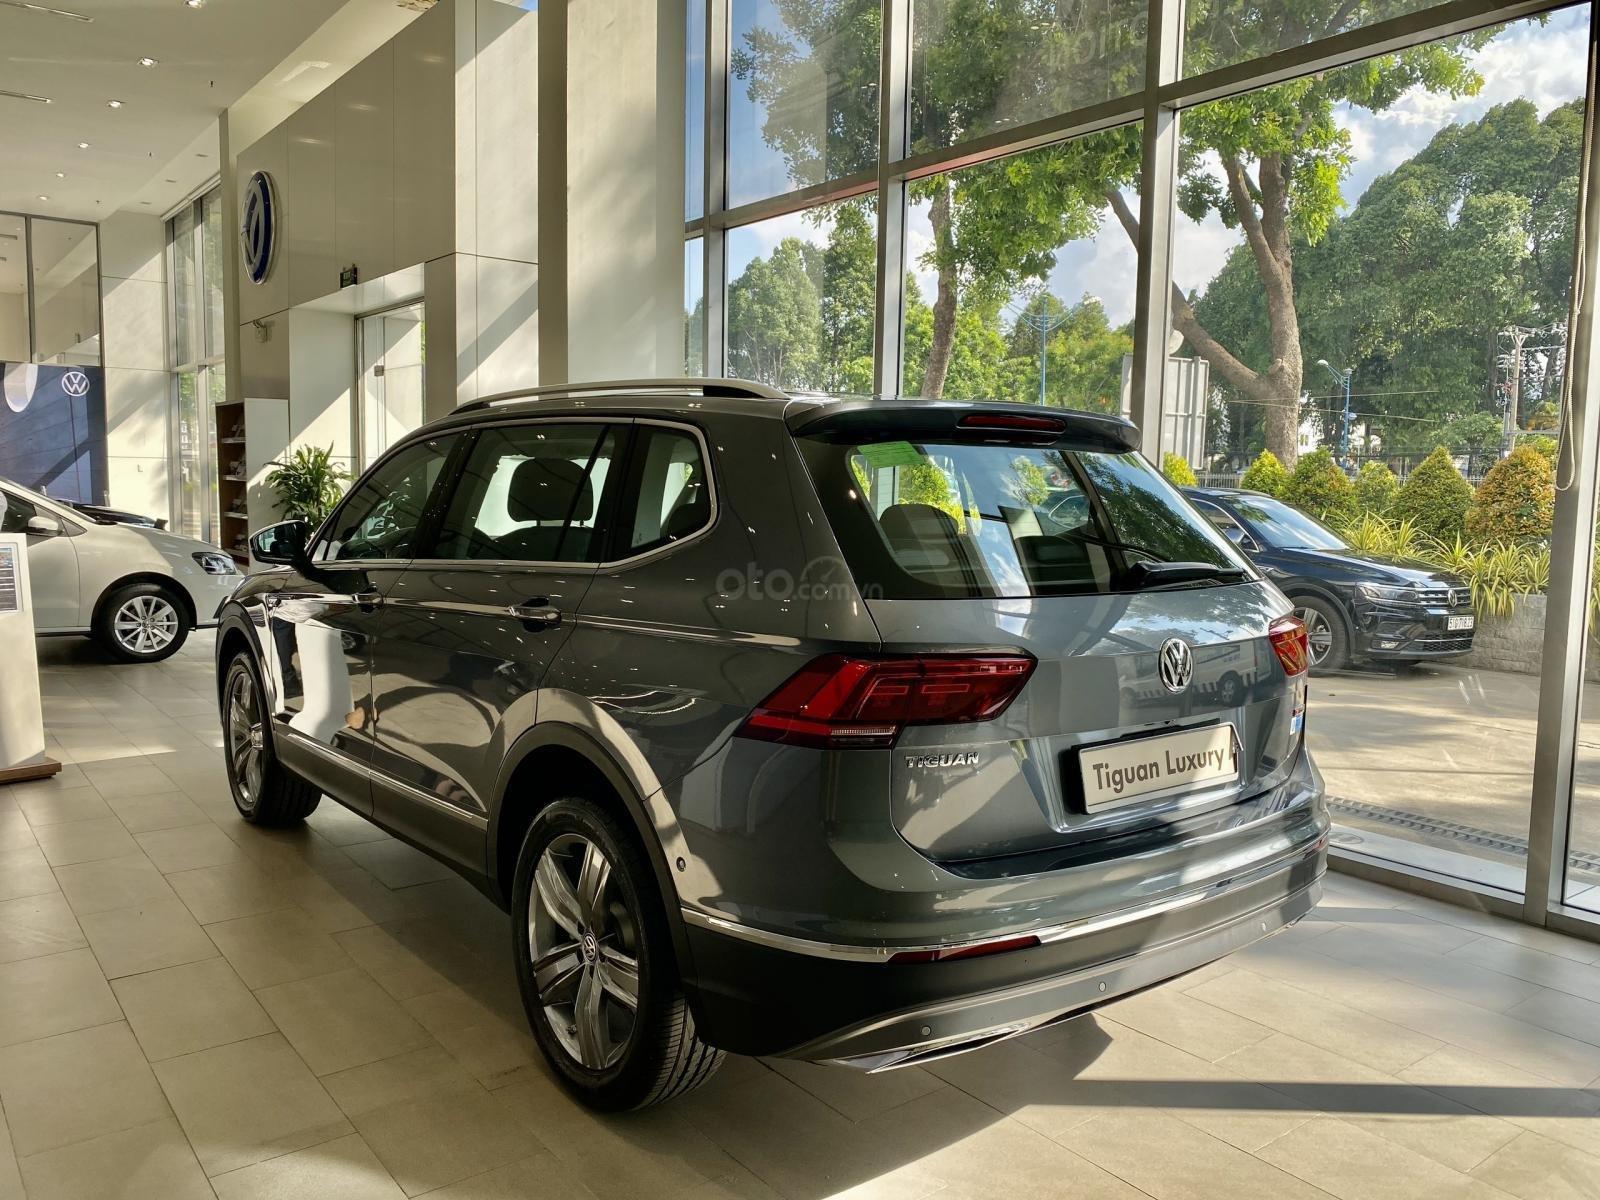 Tiguan Luxury S Màu xám - Phiên bản Offroad khuyến mãi hấp dẫn - Xe đủ màu giao ngay (14)